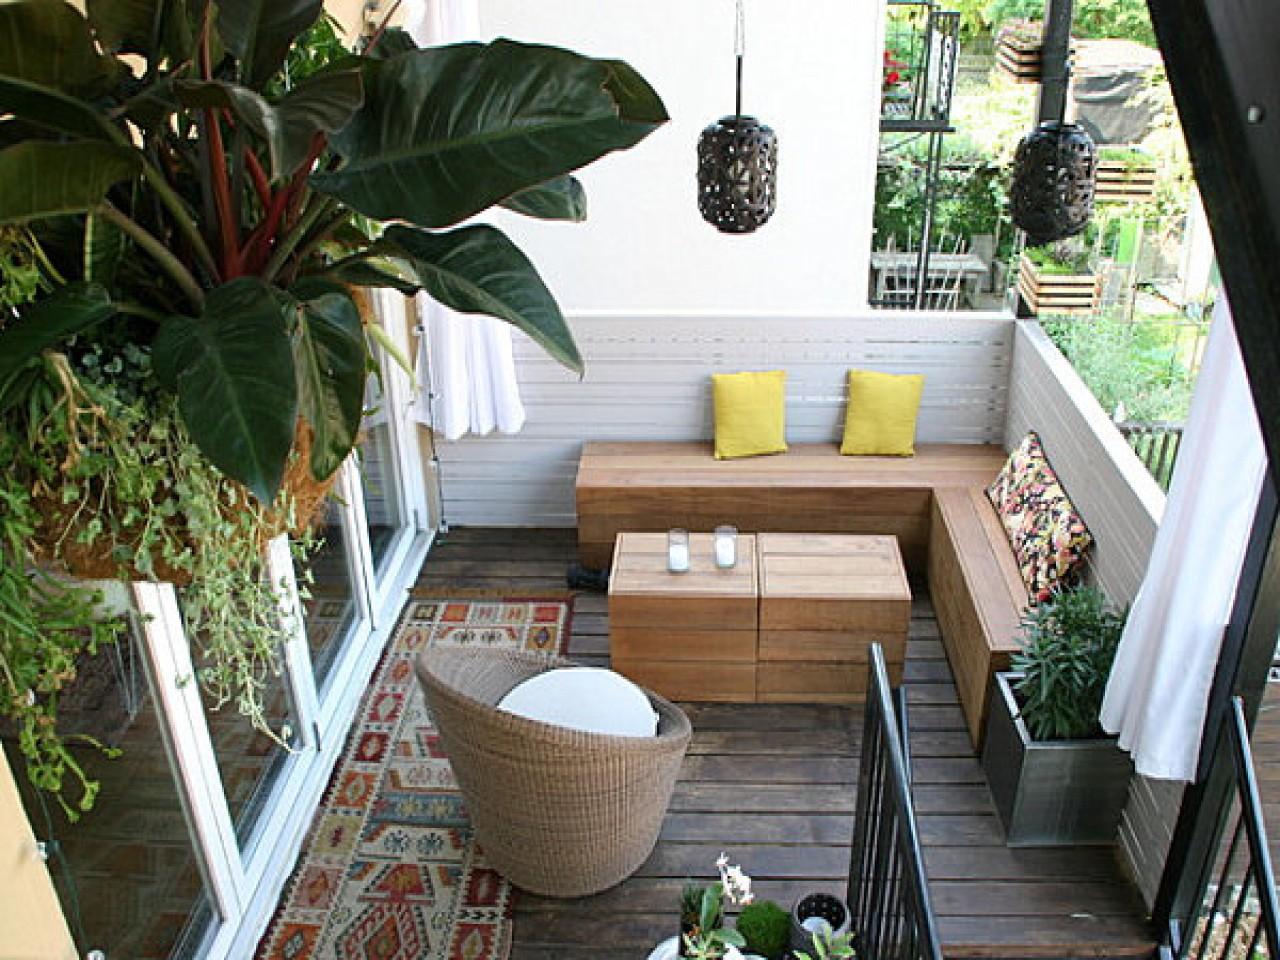 """Ngôi nhà của bạn sẽ chiếm """"spotlight"""" của cả khu phố chỉ nhờ khoảng sân thượng sang chảnh và xanh tươi thế này - Ảnh 7."""